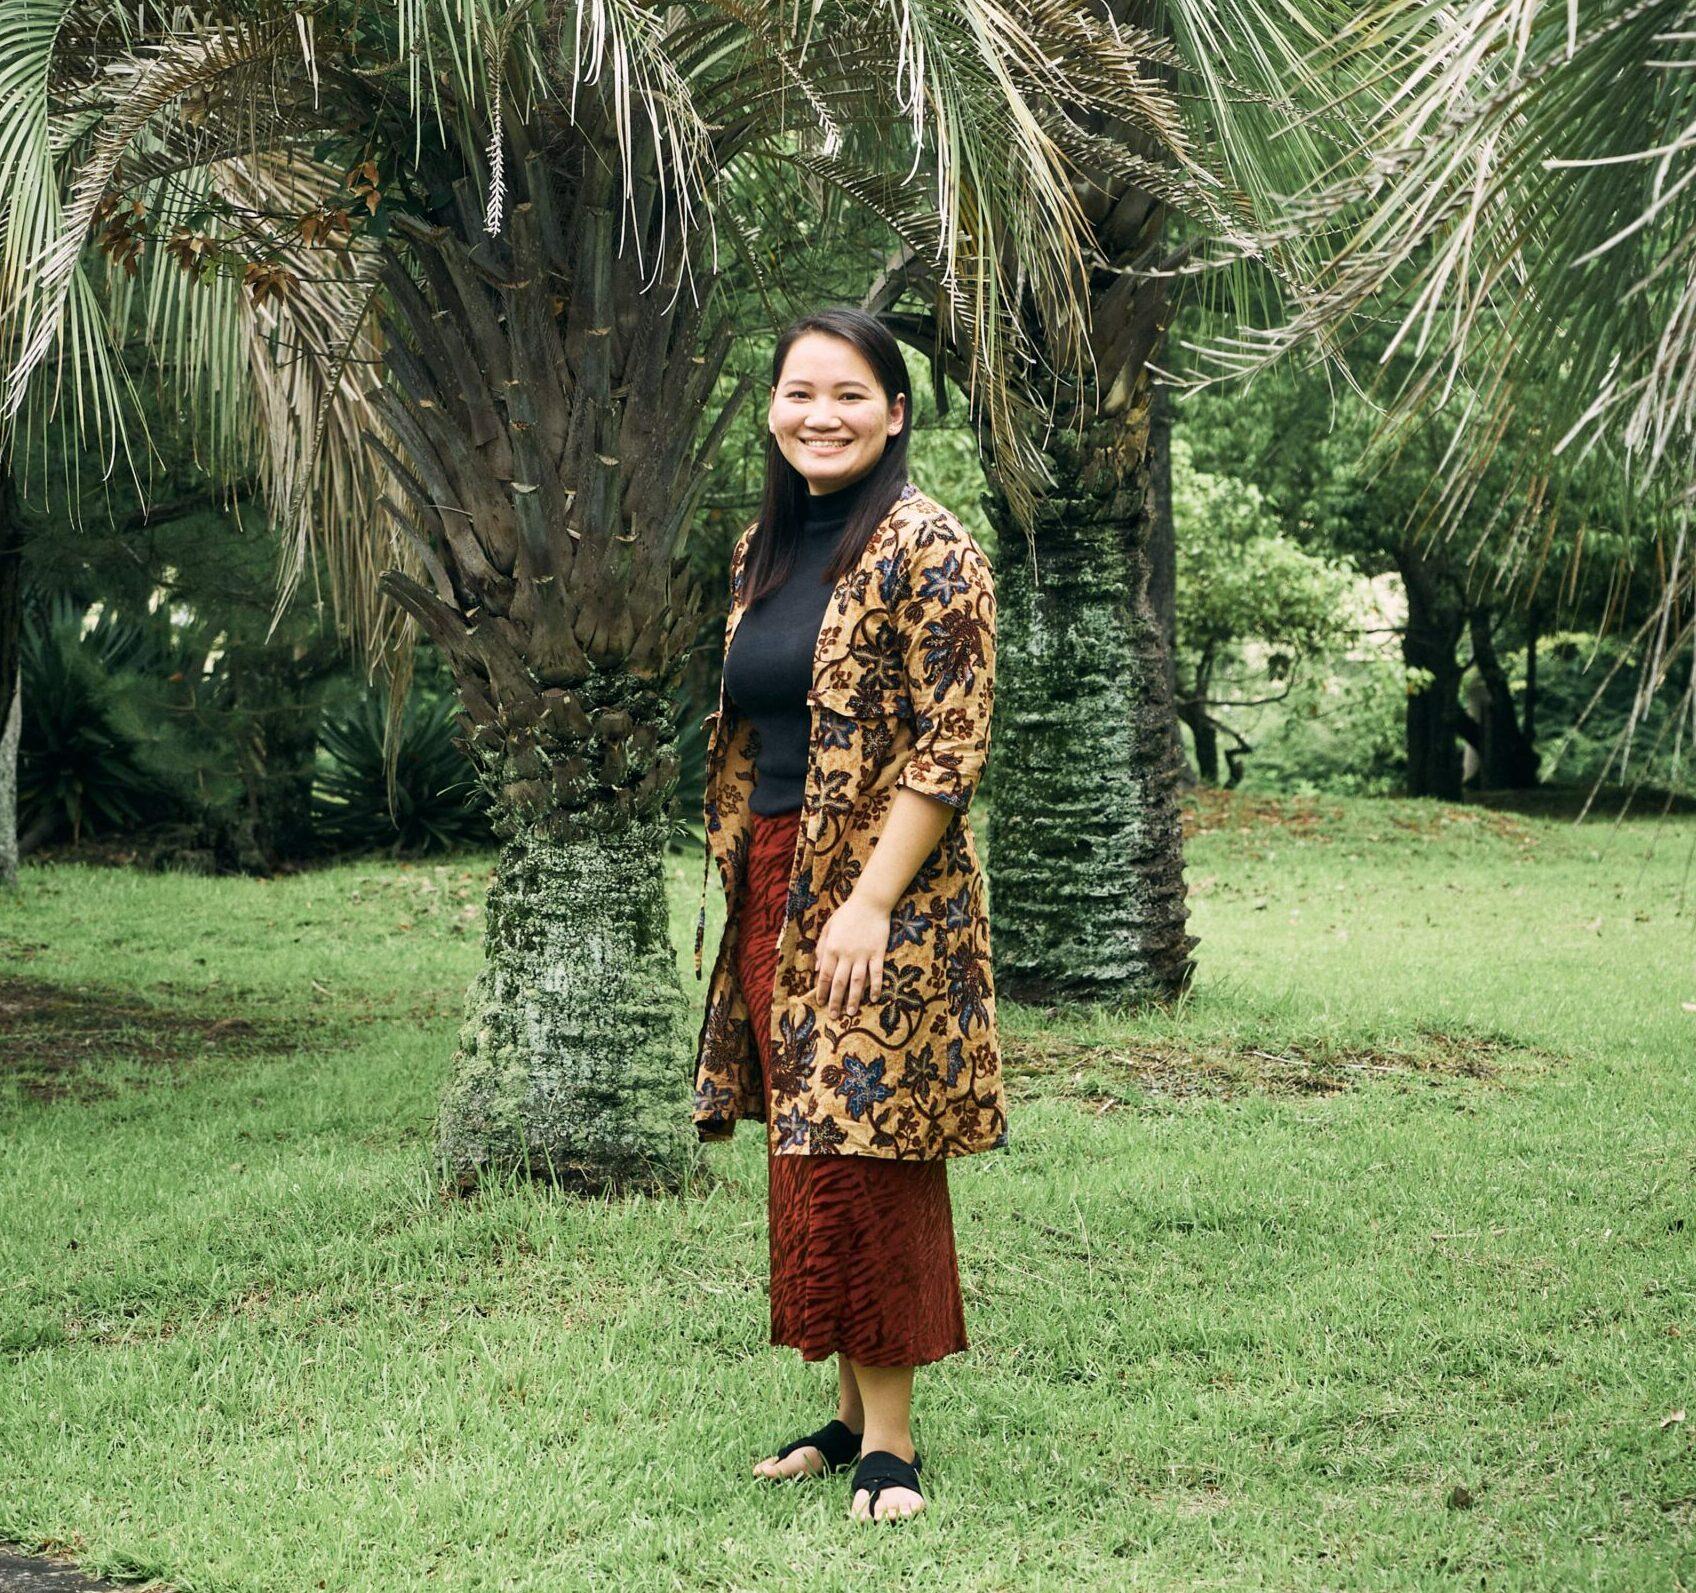 海外での起業をめざして。 インドネシアで私が学んだこと。